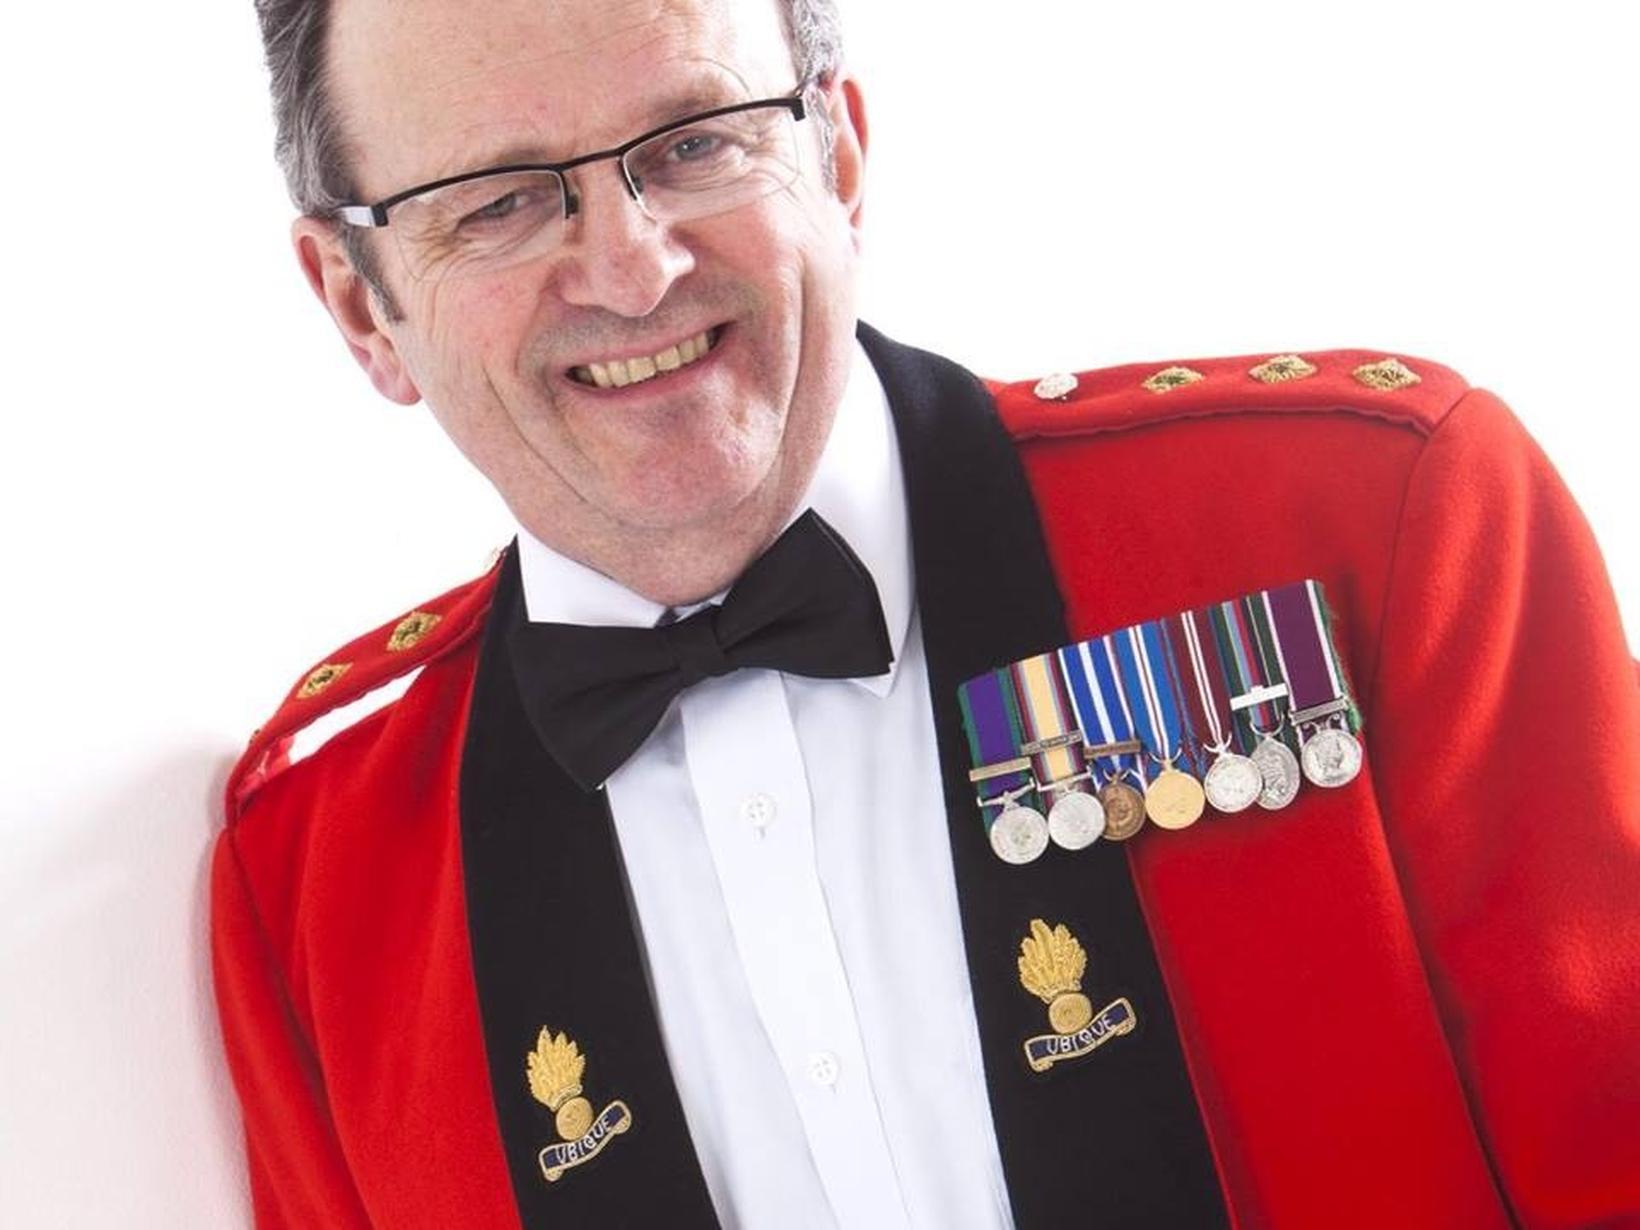 Albert from Nottingham, United Kingdom